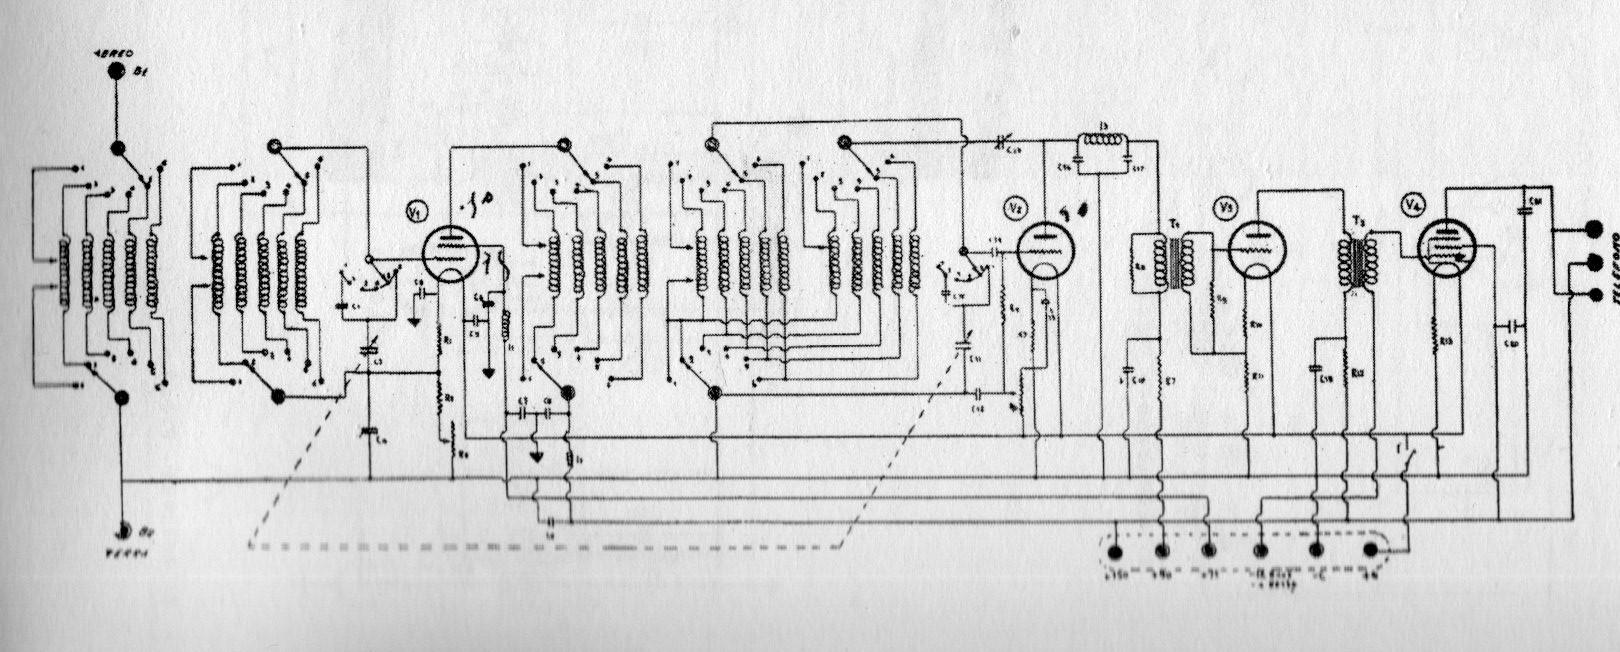 Schema Elettrico Fiat 500 : Kit calotta rotore condensatore contatti spinterogeno fiat r